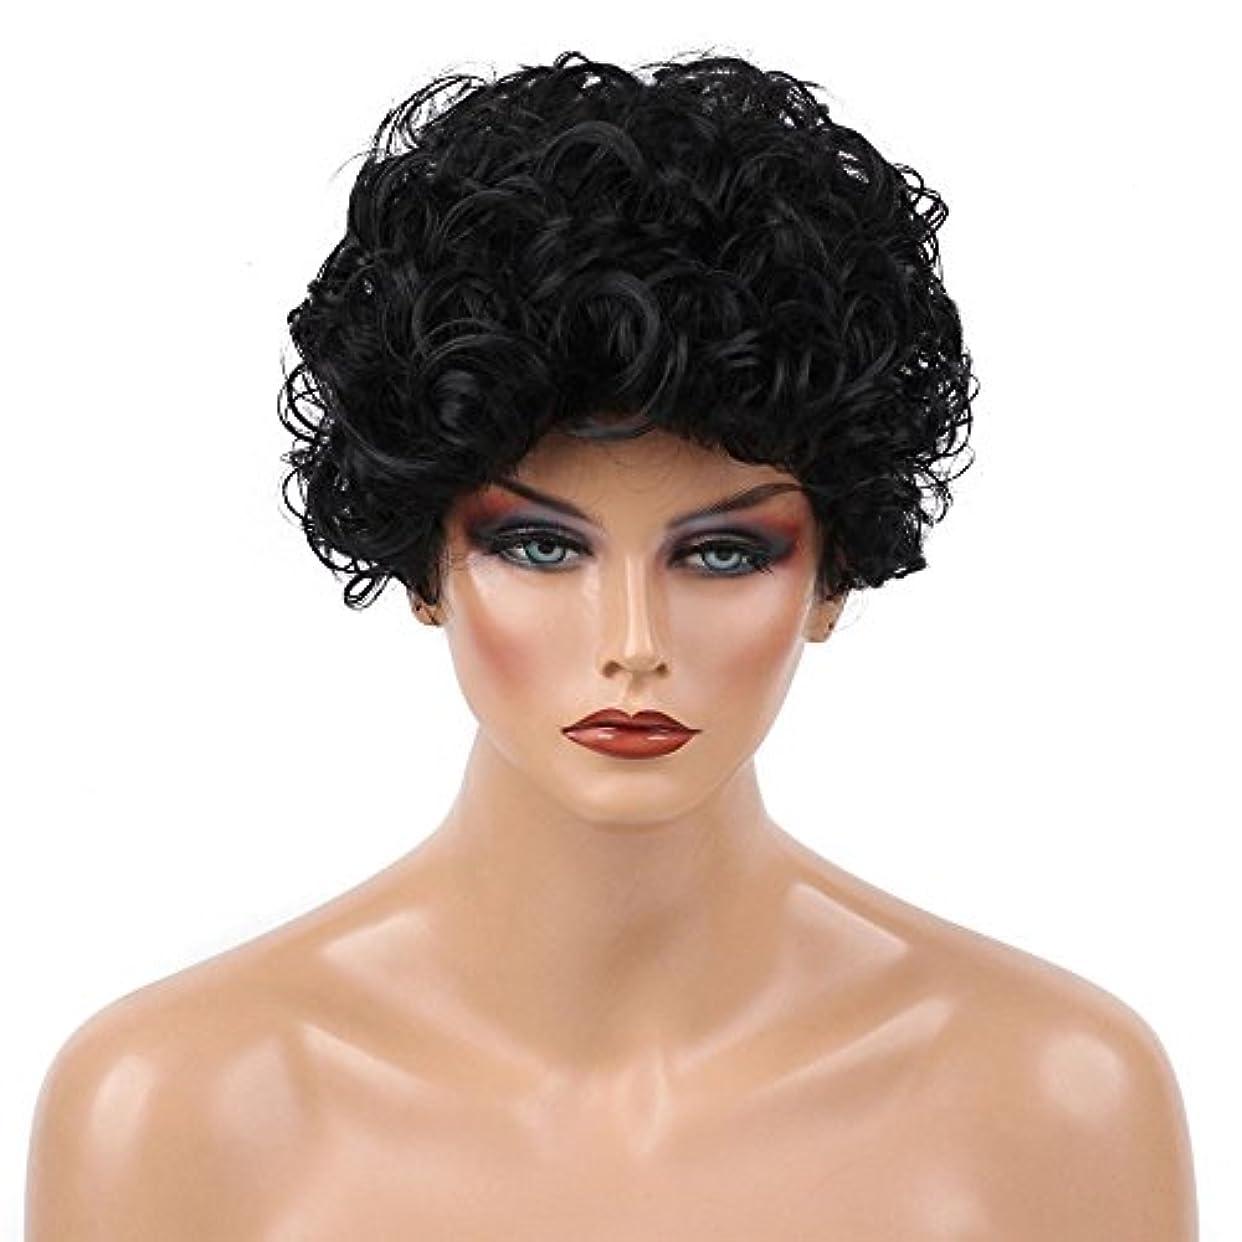 防止毎年数Suppion、ヨーロッパと米国ウィッグメスブラックファッションショートヘアAfricanヘアウィッグセット